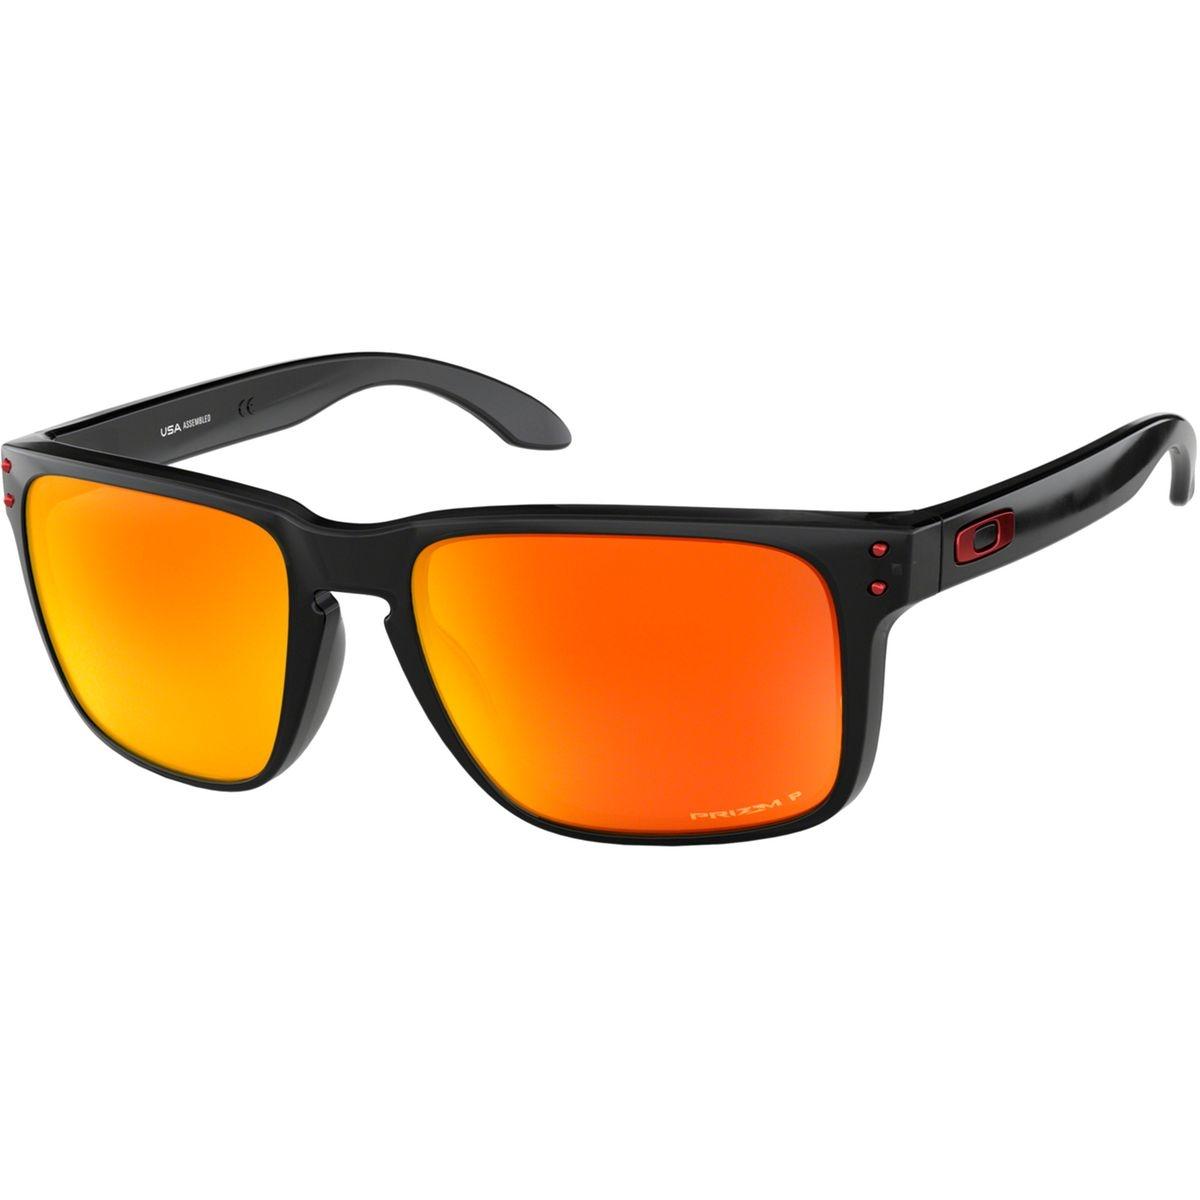 Holbrook XL - Lunettes cyclisme - orange/noir